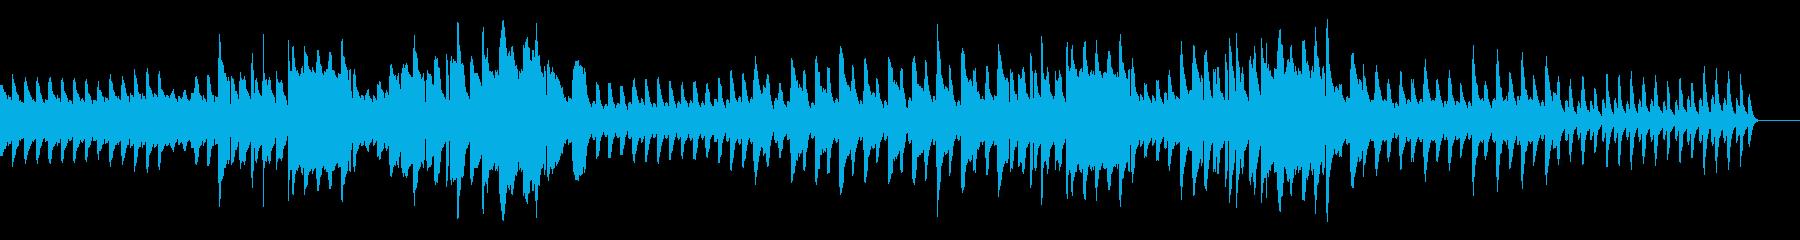 日常・暮らし(ピアノ・リコーダー)の再生済みの波形